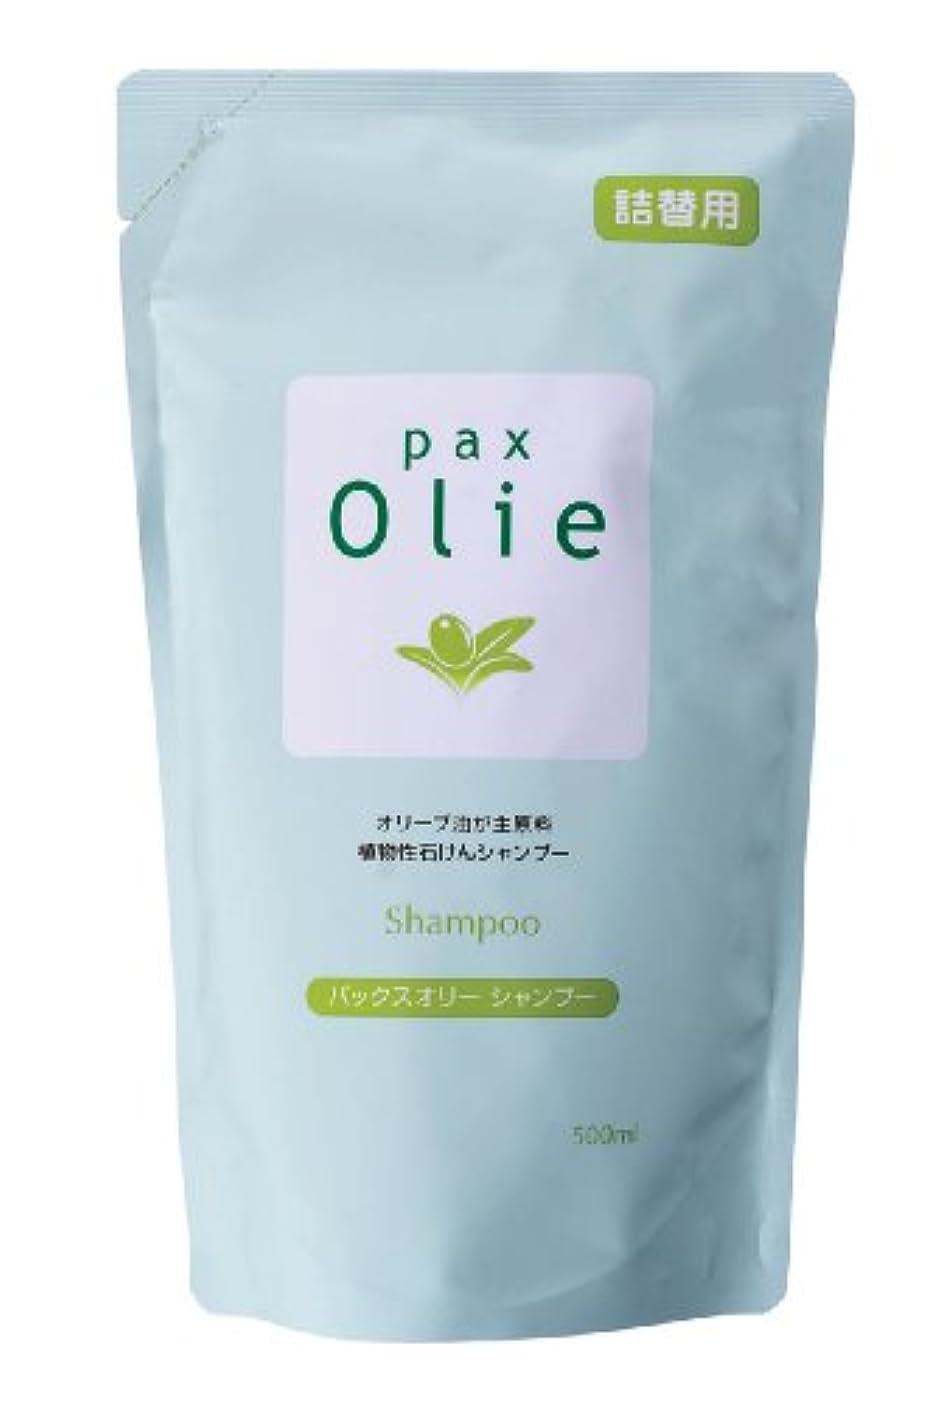 切り下げ事件、出来事で出来ているPAX Olie(パックスオリー) パックスオリー シャンプー 詰替用 500mL